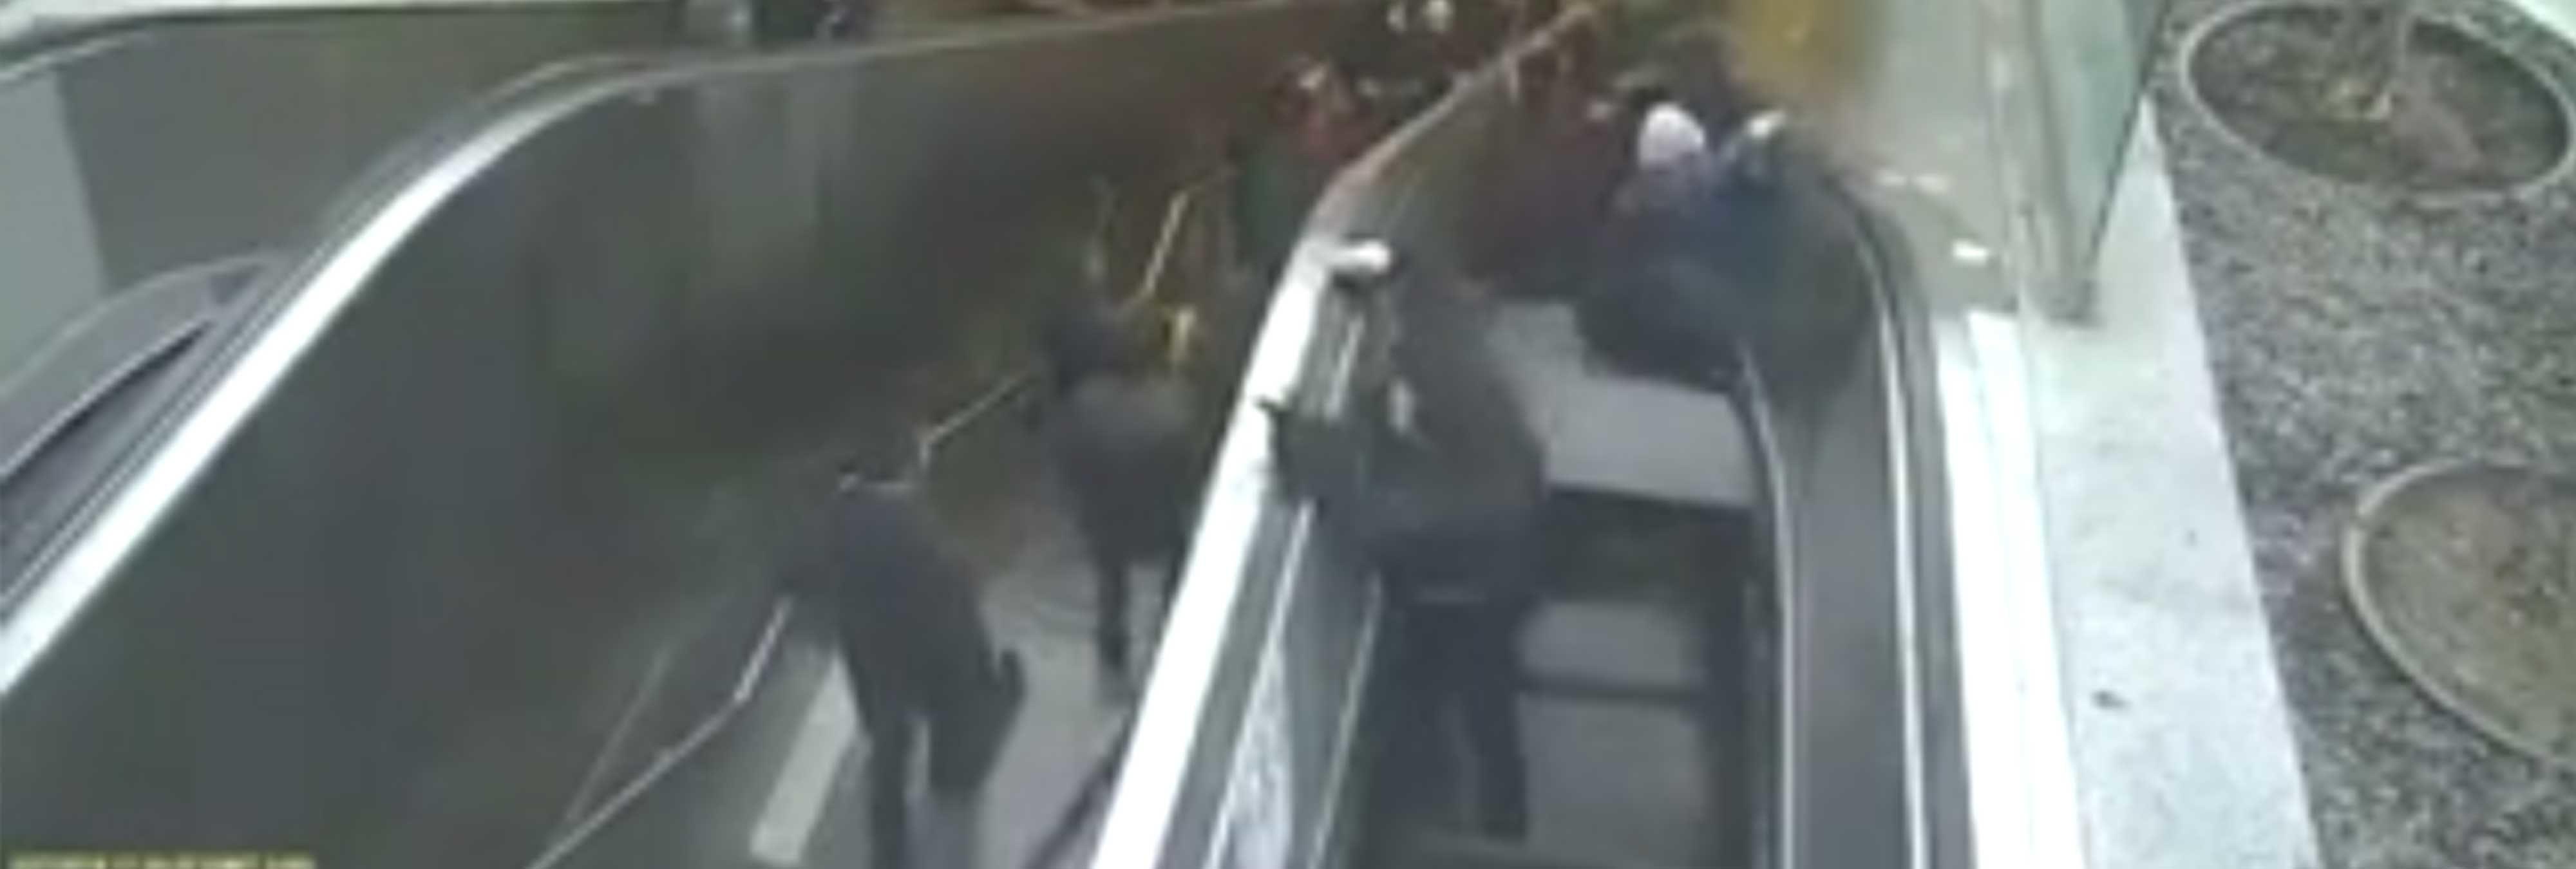 Una escalera mecánica devora a un hombre en Turquía